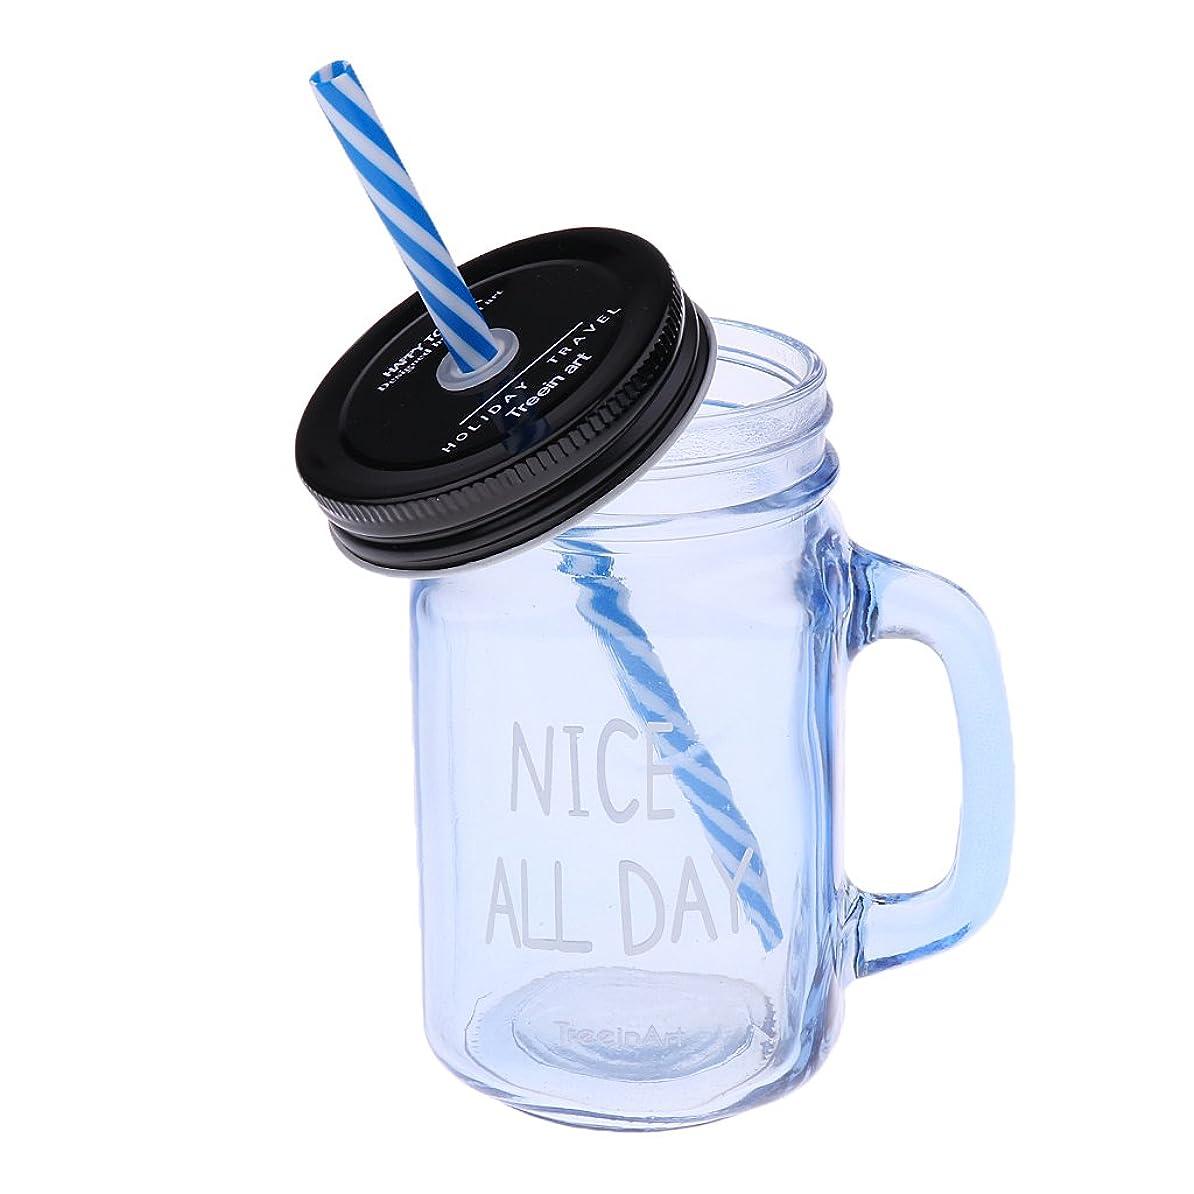 心理的に滑りやすいシンボルFenteer ストローカップ 480ml ガラス瓶 蓋付き カクテル レモン ジュース ドリンク 4色  - ジェムブルー